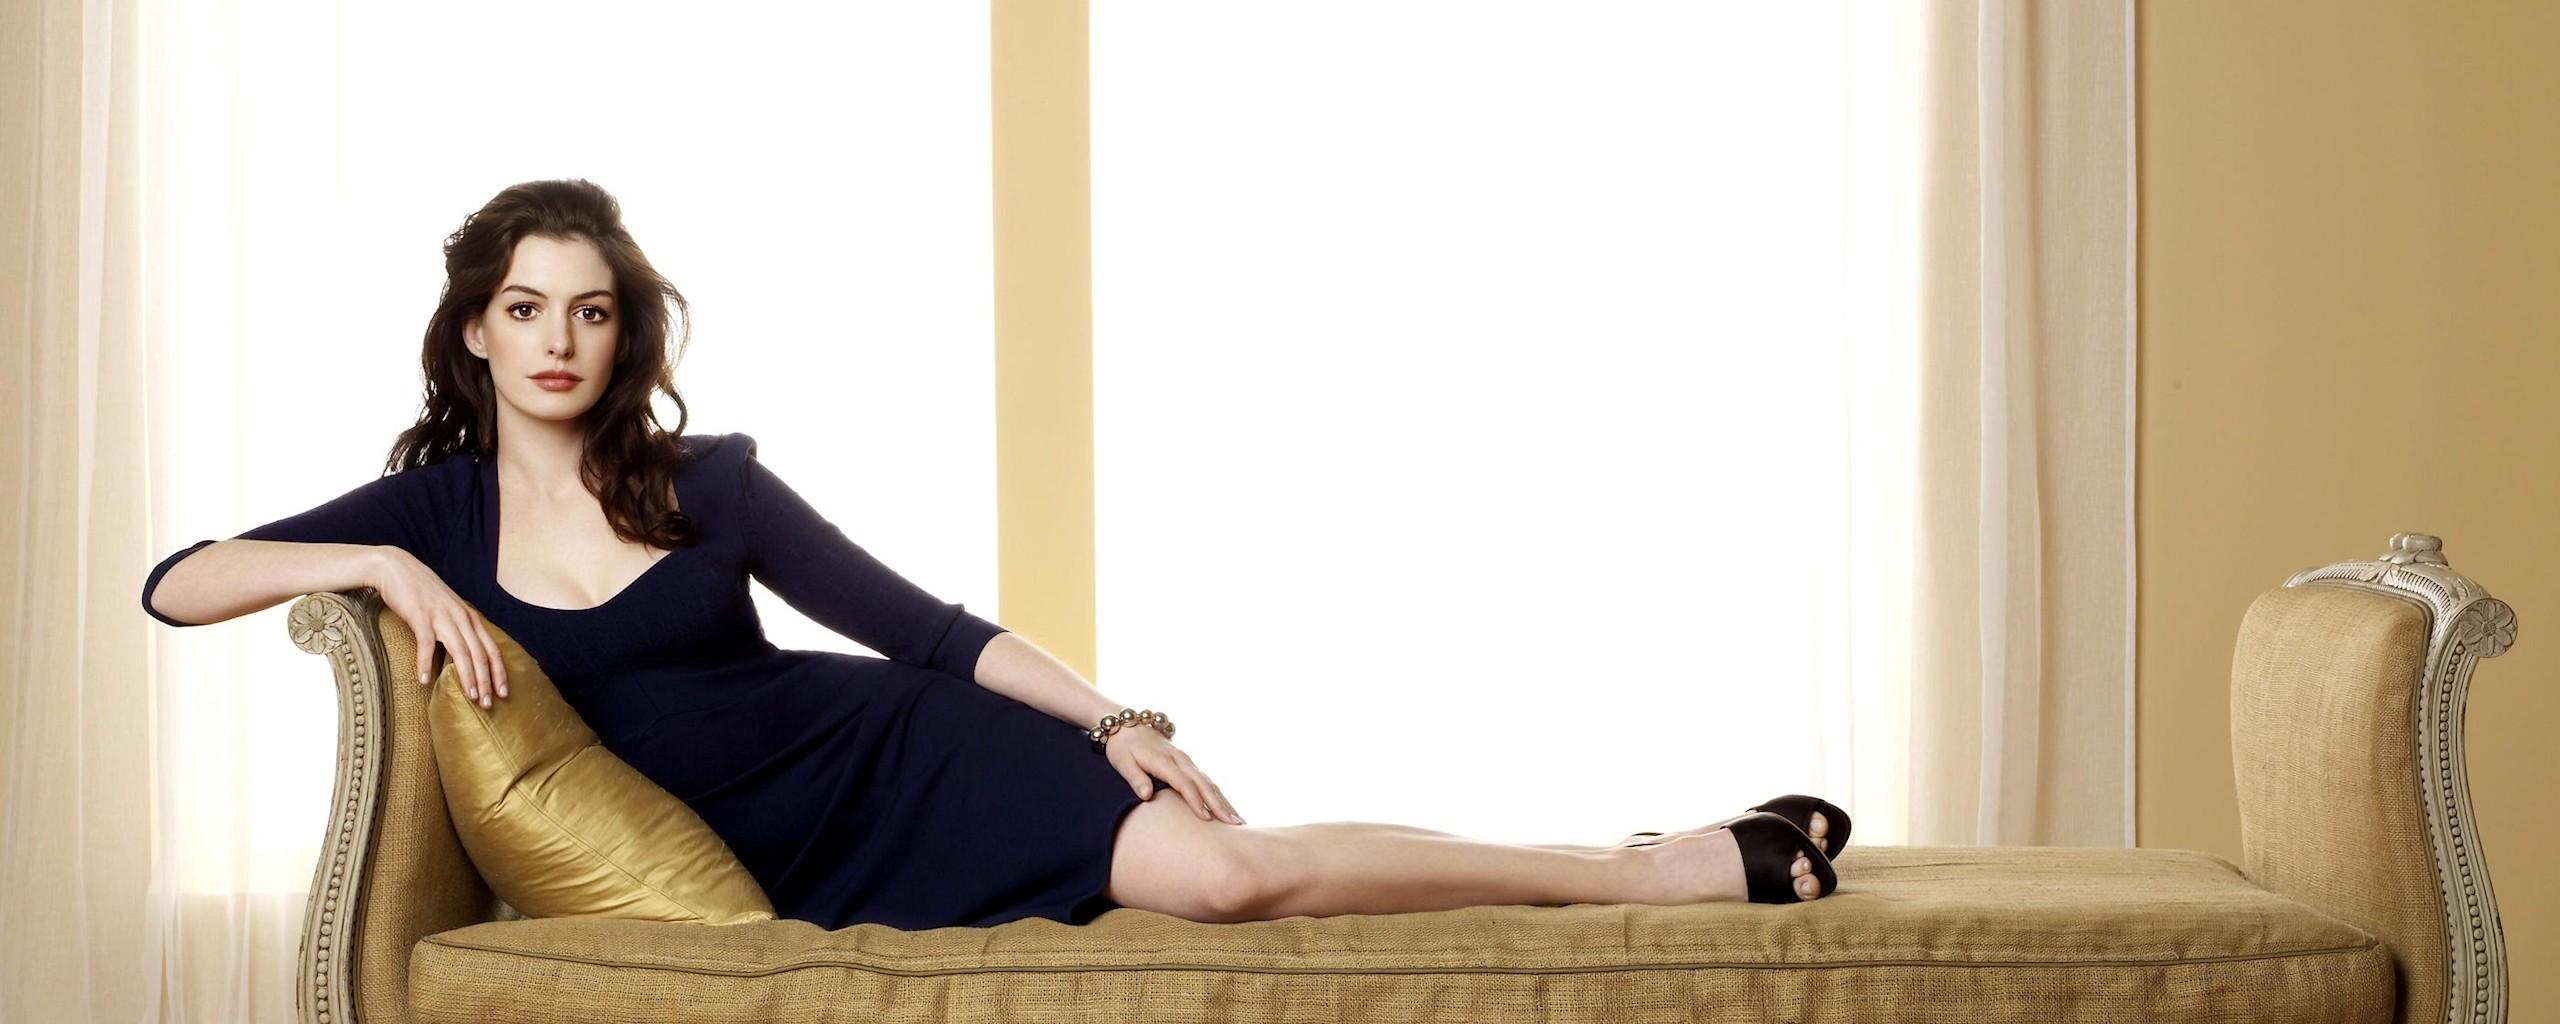 brown eyes lying down couch dress women anne hathaway brunette legs